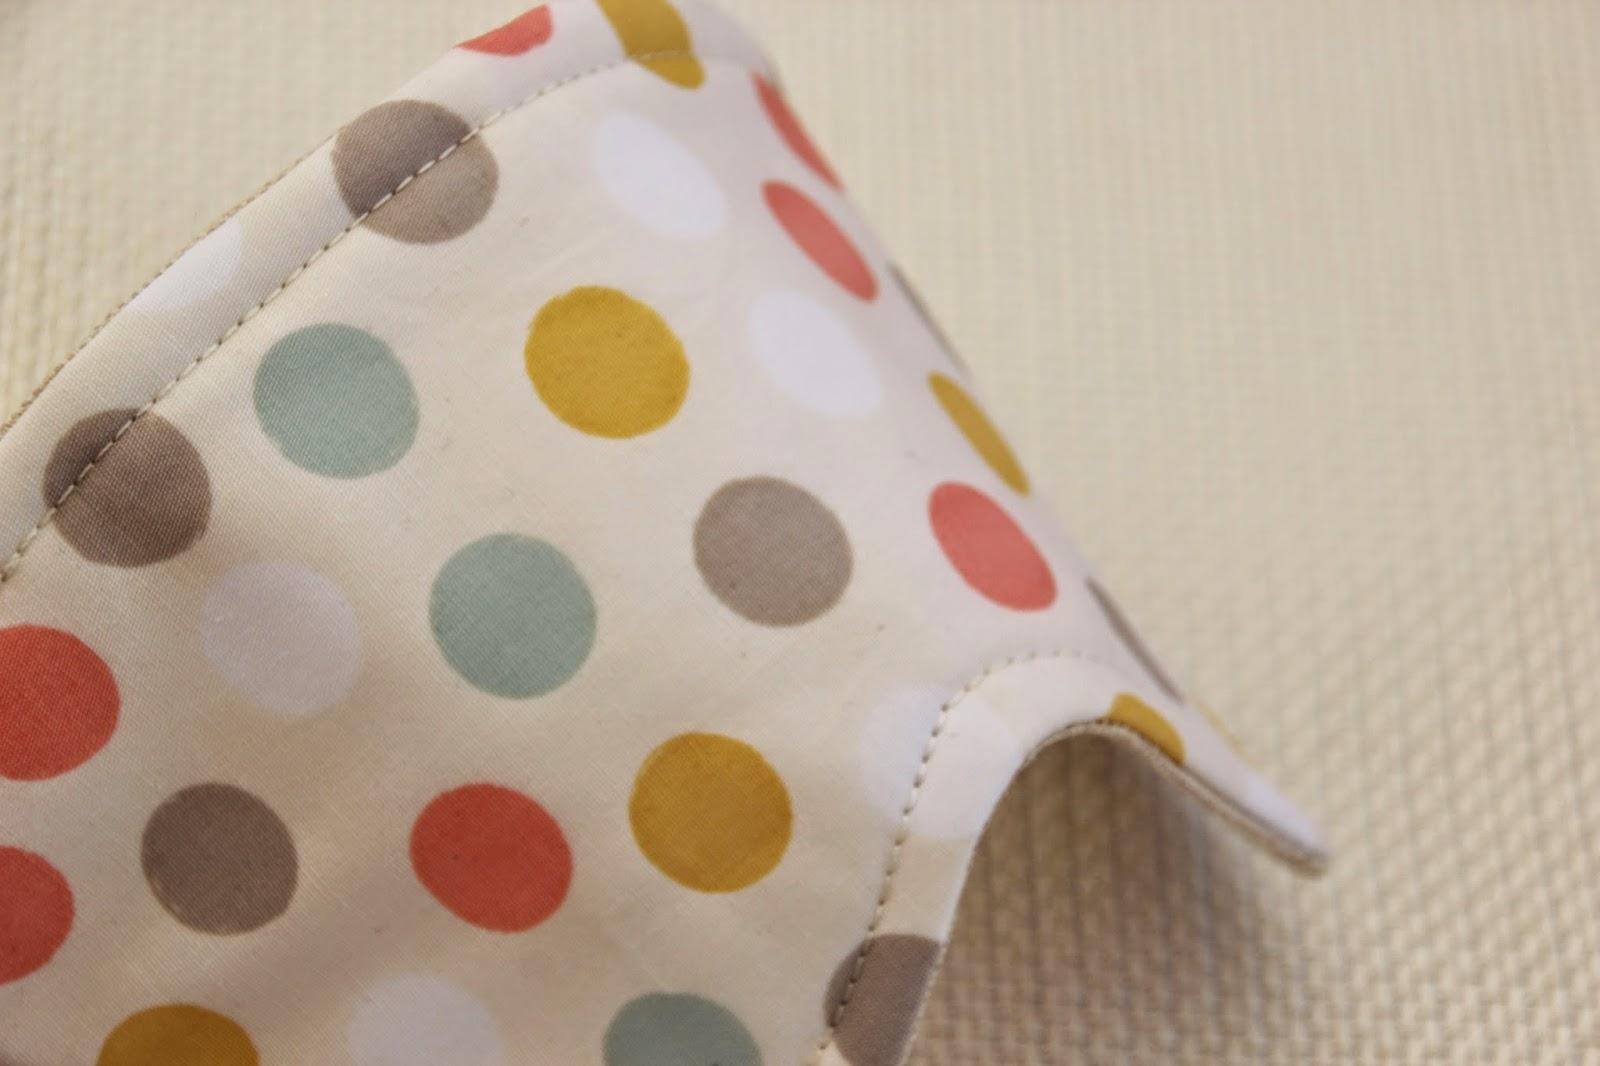 Clase de costura práctica: DIY Antifaz para dormir (patrón gratis incluido)